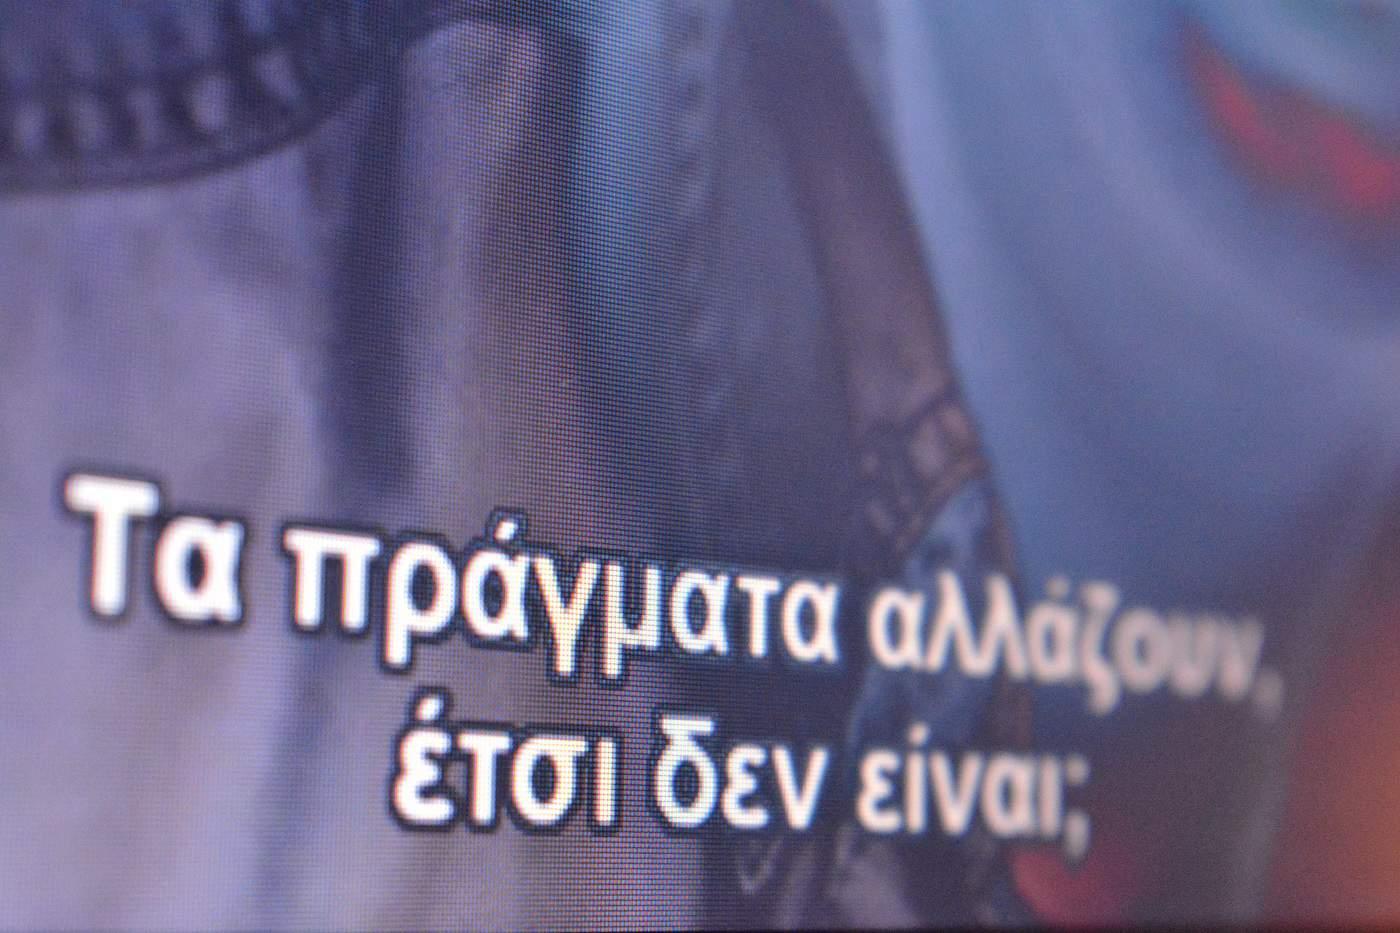 Ελληνικοί Υπότιτλοι για ταινίες και σειρές - Οι καλύτερες ιστοσελίδες